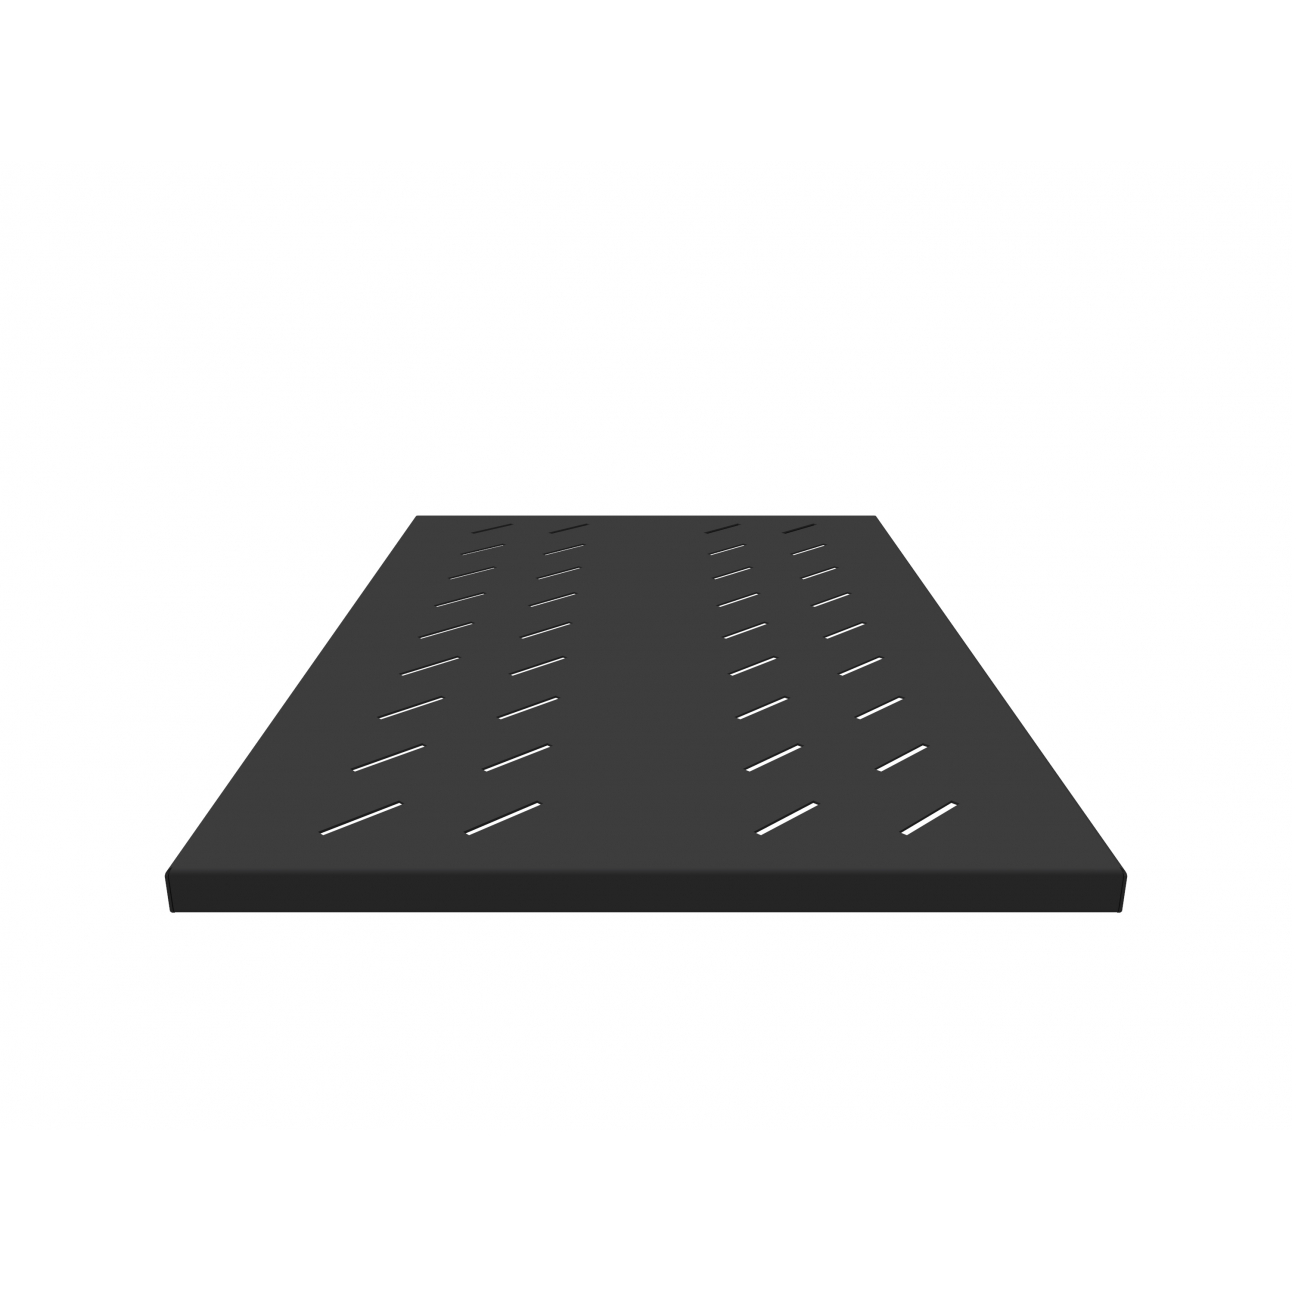 Полка под аккумуляторы  усиленная 200кг глубиной 950мм черная